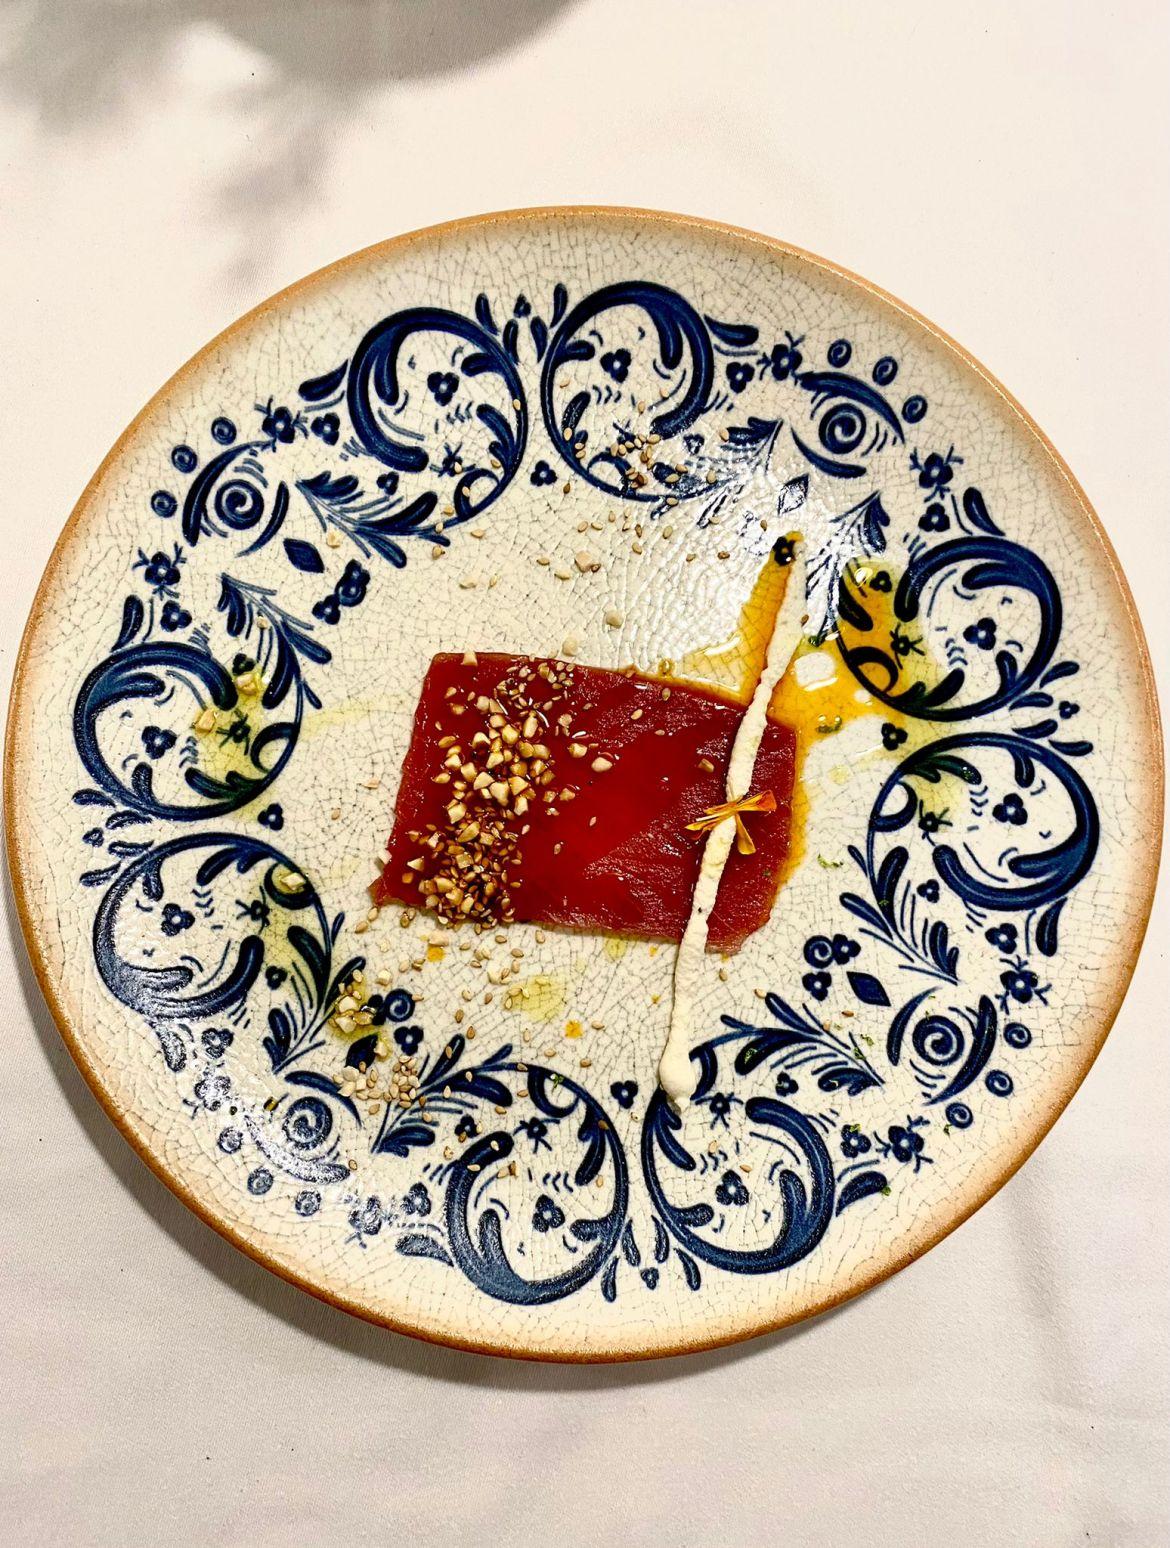 Carpaccio de atún con manteca colorá. Plato dentro del menú degustación en La Malaje.